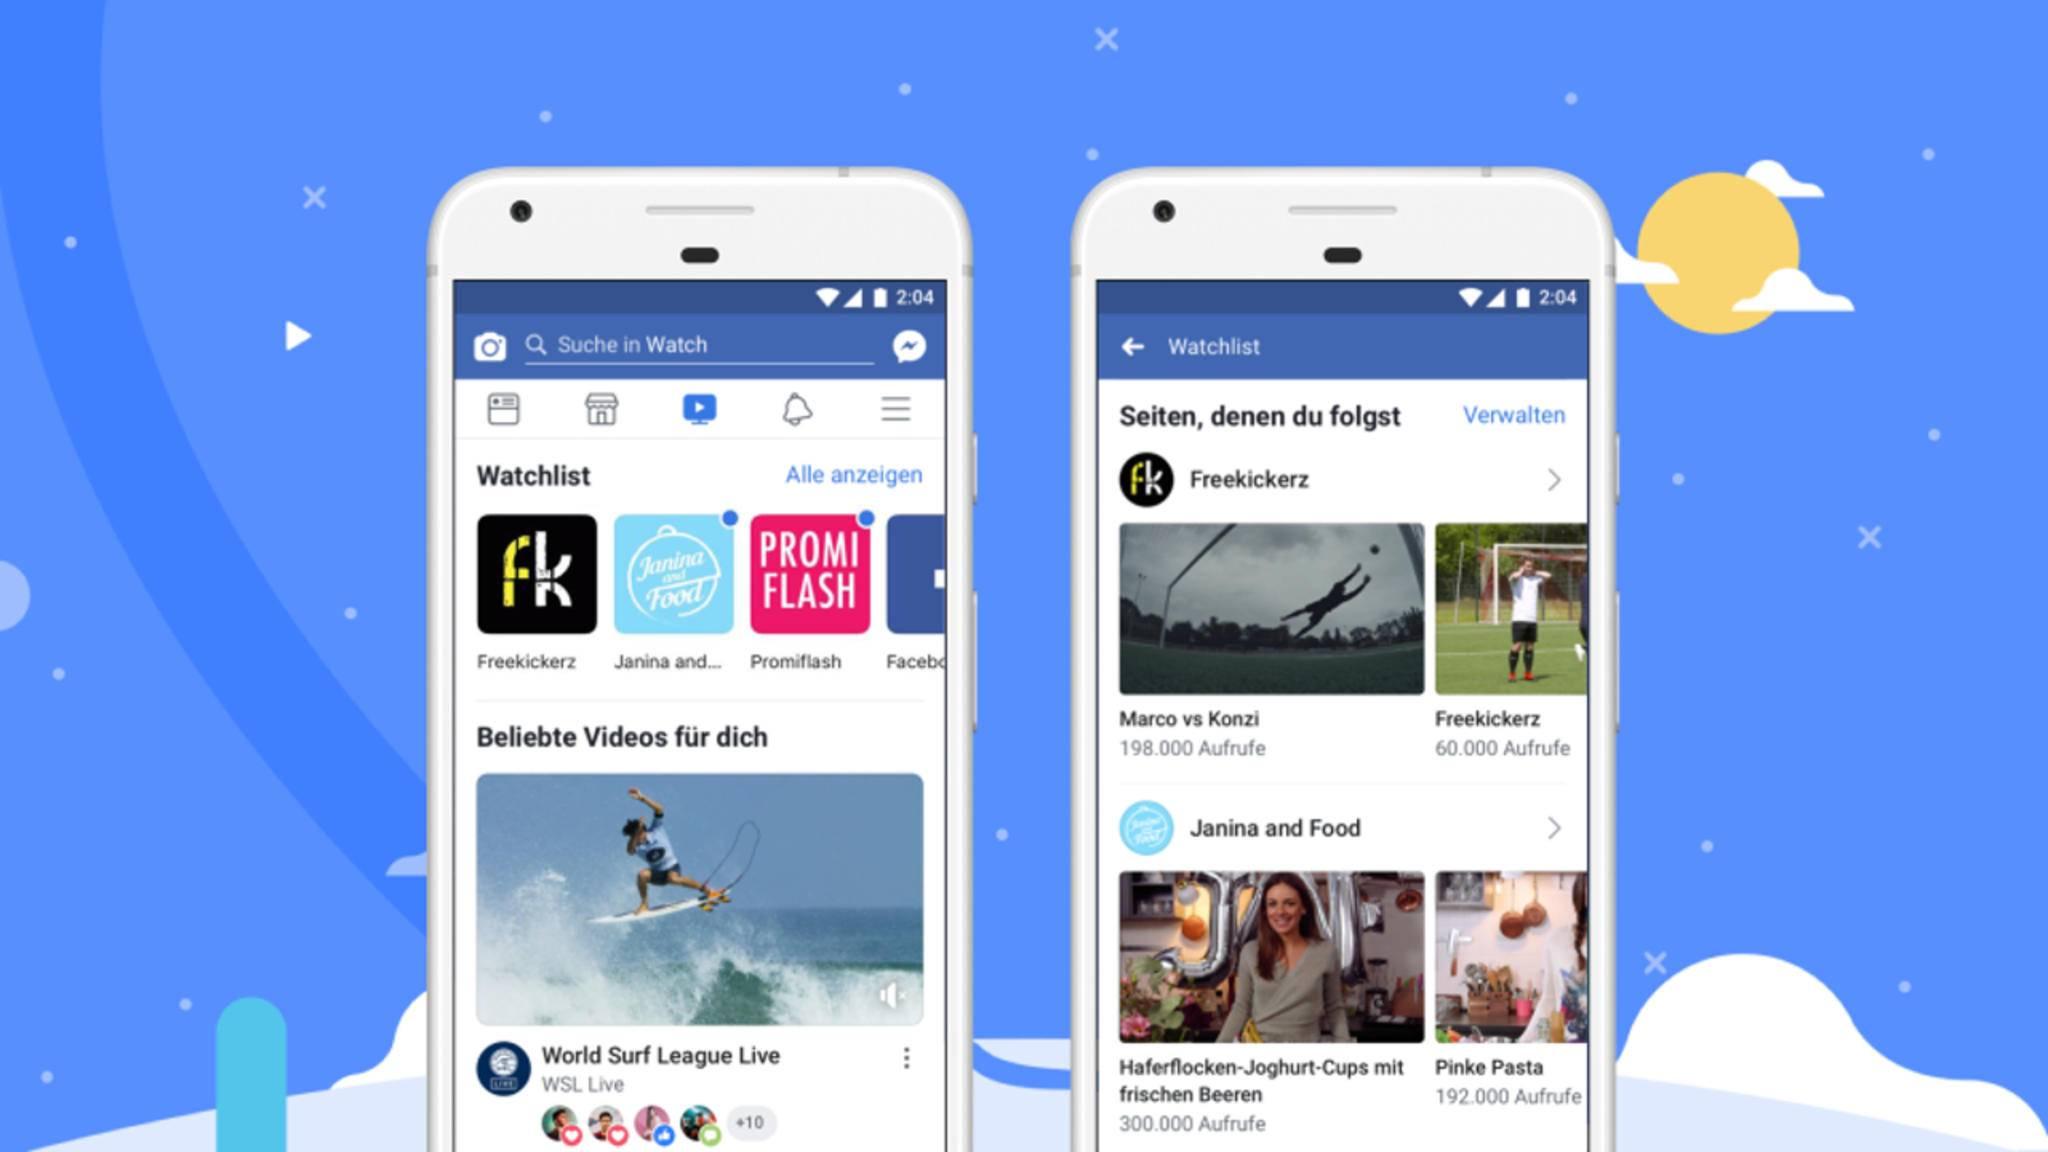 Ob LOL ähnlich wie der Watch-Tab in Facebook integriert oder eine eigenständige App wird, weiß das Unternehmen momentan selbst noch nicht.